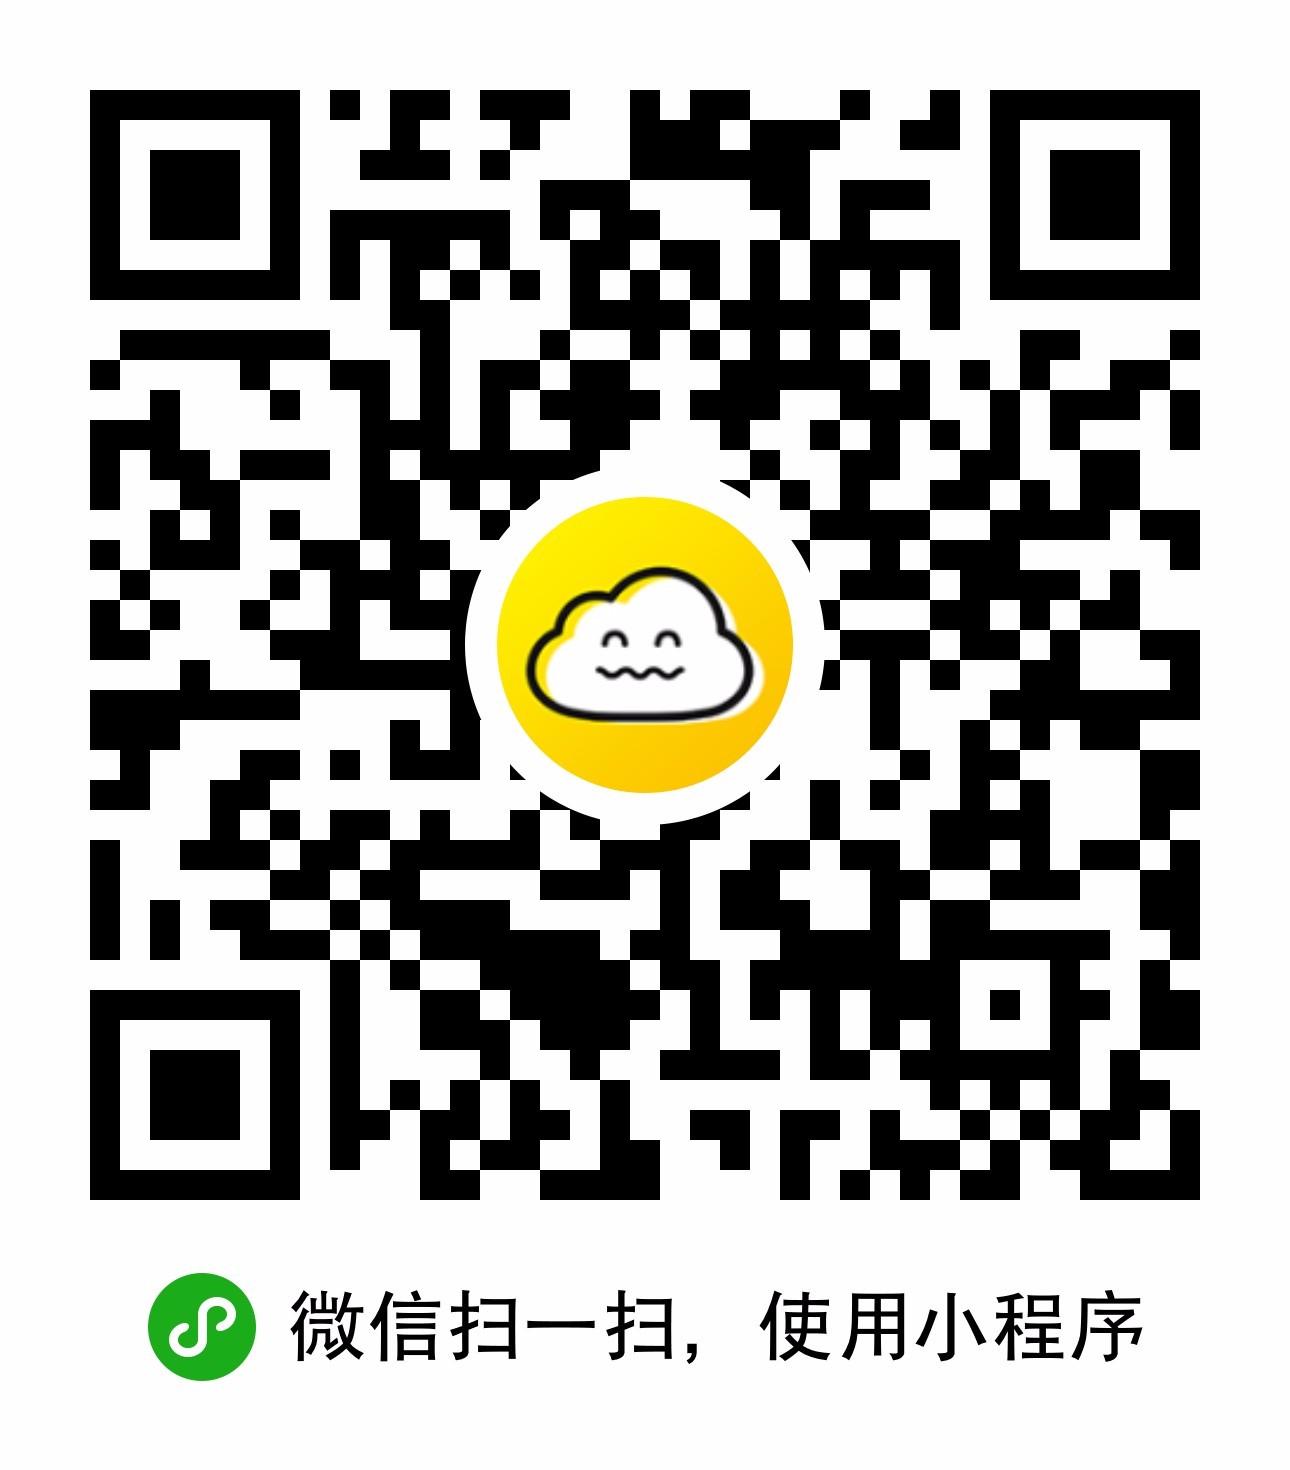 搜狗云表情-微信小程序二维码